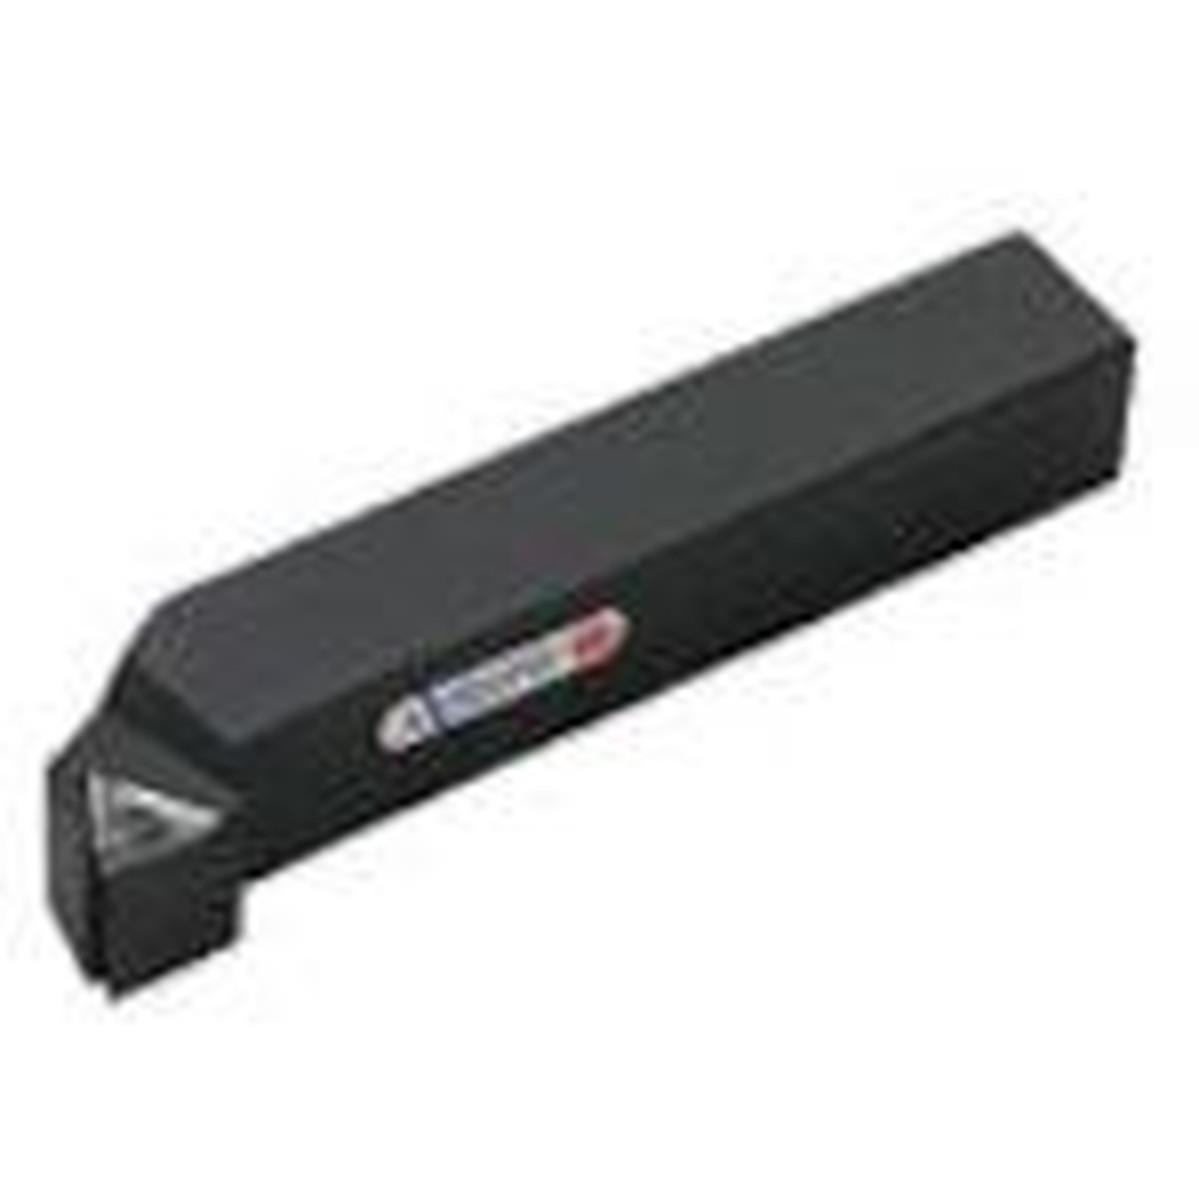 高価値セリー バイトホルダー 1個 三菱三菱 バイトホルダー 1個, Bambi Water OnlineShop:88f11601 --- promotime.lt